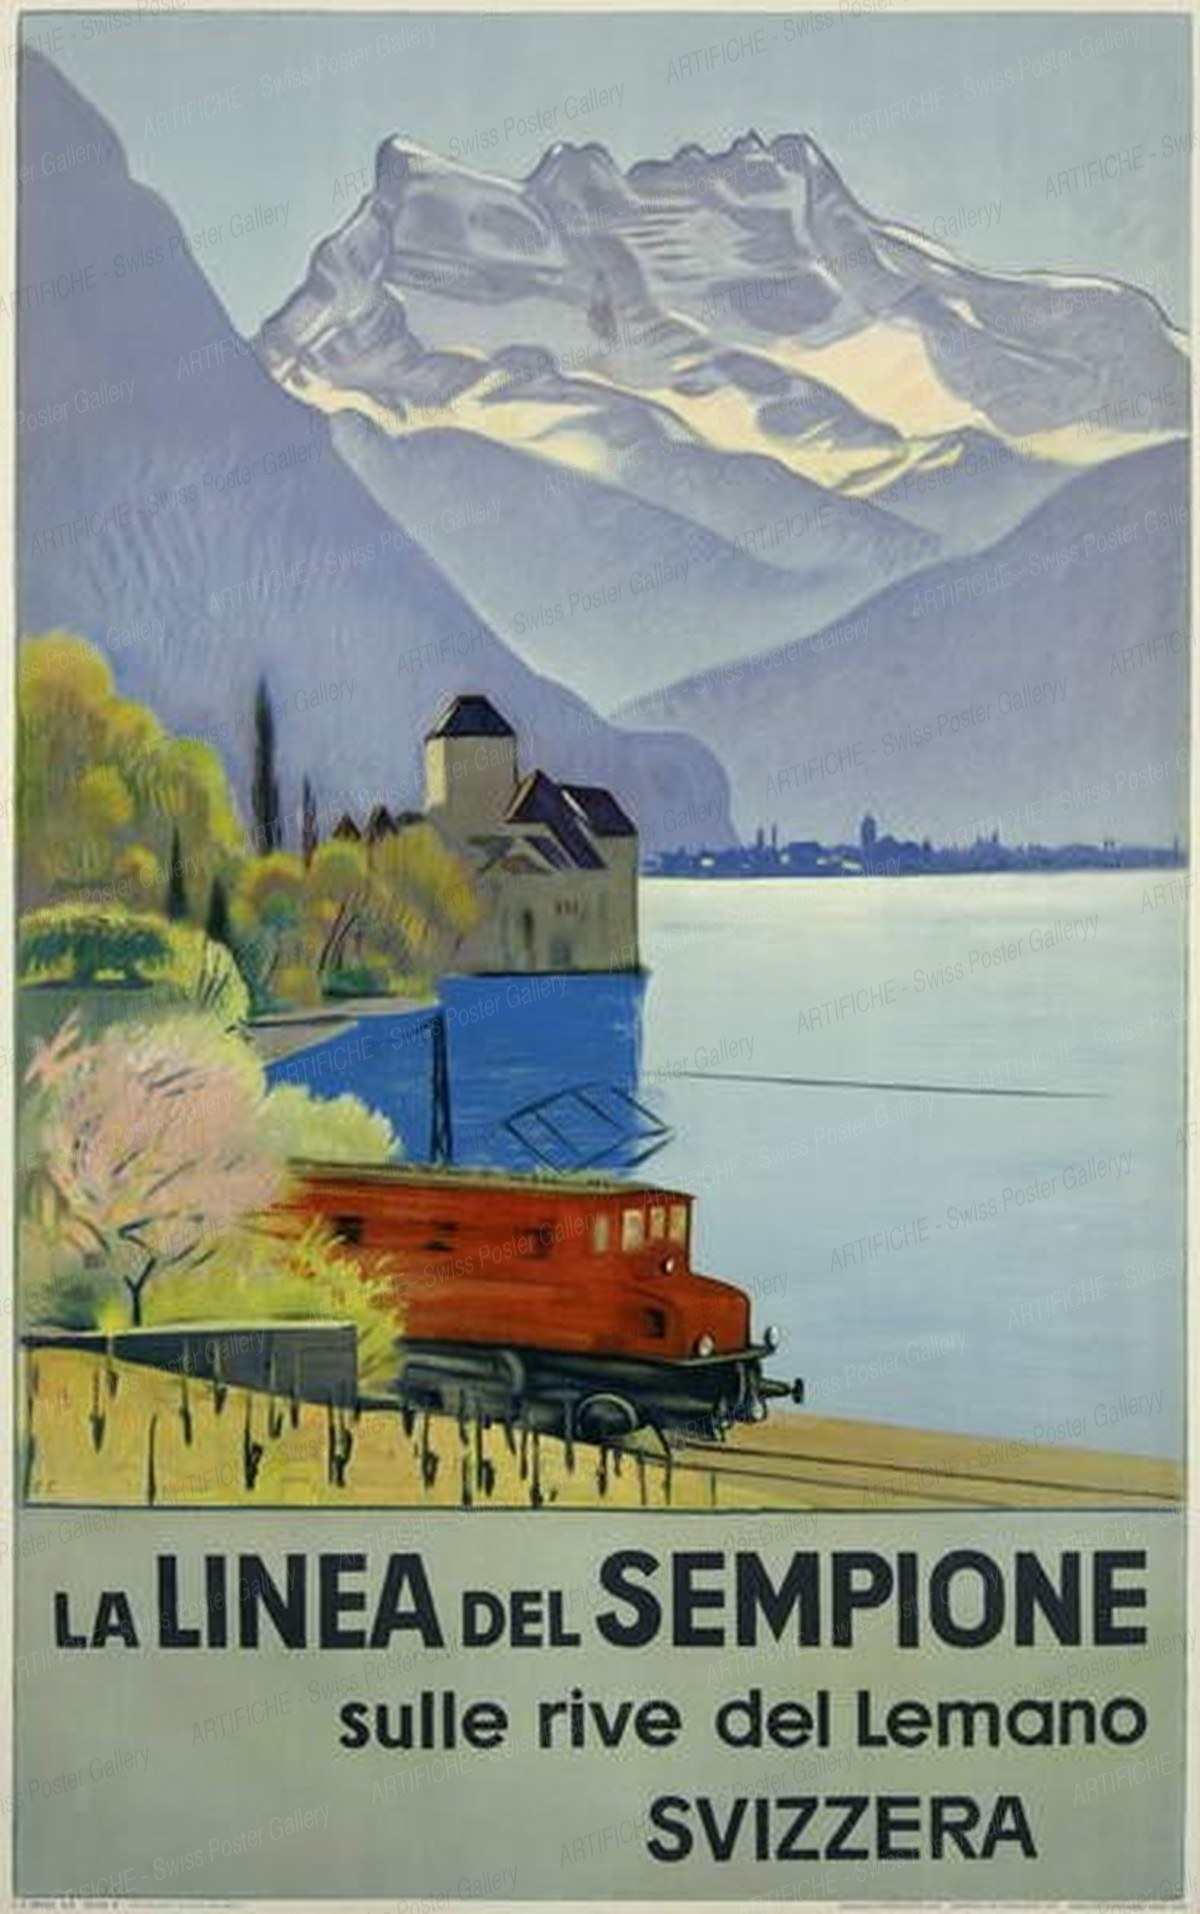 La Linea del Sempione sulle rive del Lemano – Svizzera, Emil Cardinaux